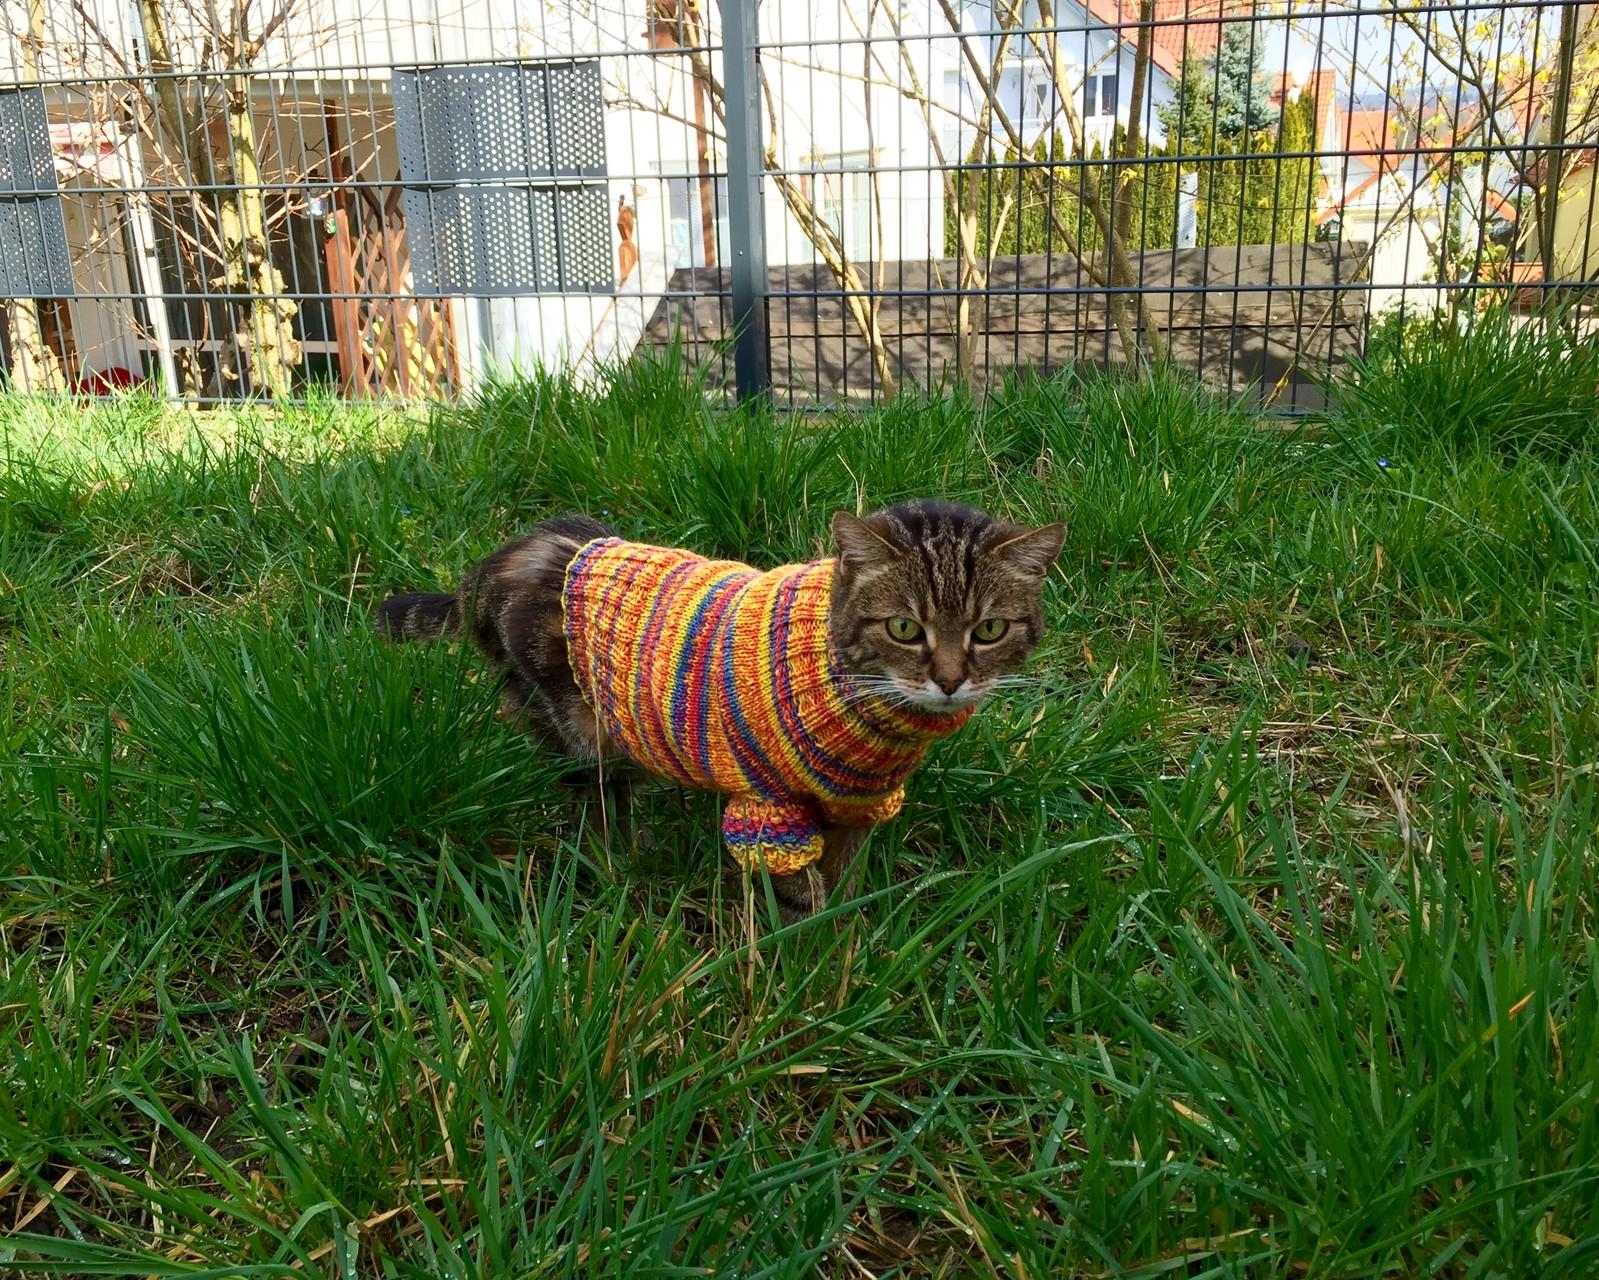 Weil ich doch wieder gerne rausgehe und damit ich keine Blasenentzündung mehr bekomme, hat mir den Pullover die Oma gestrickt. Schick, oder? #Ronja (31.03.2016)